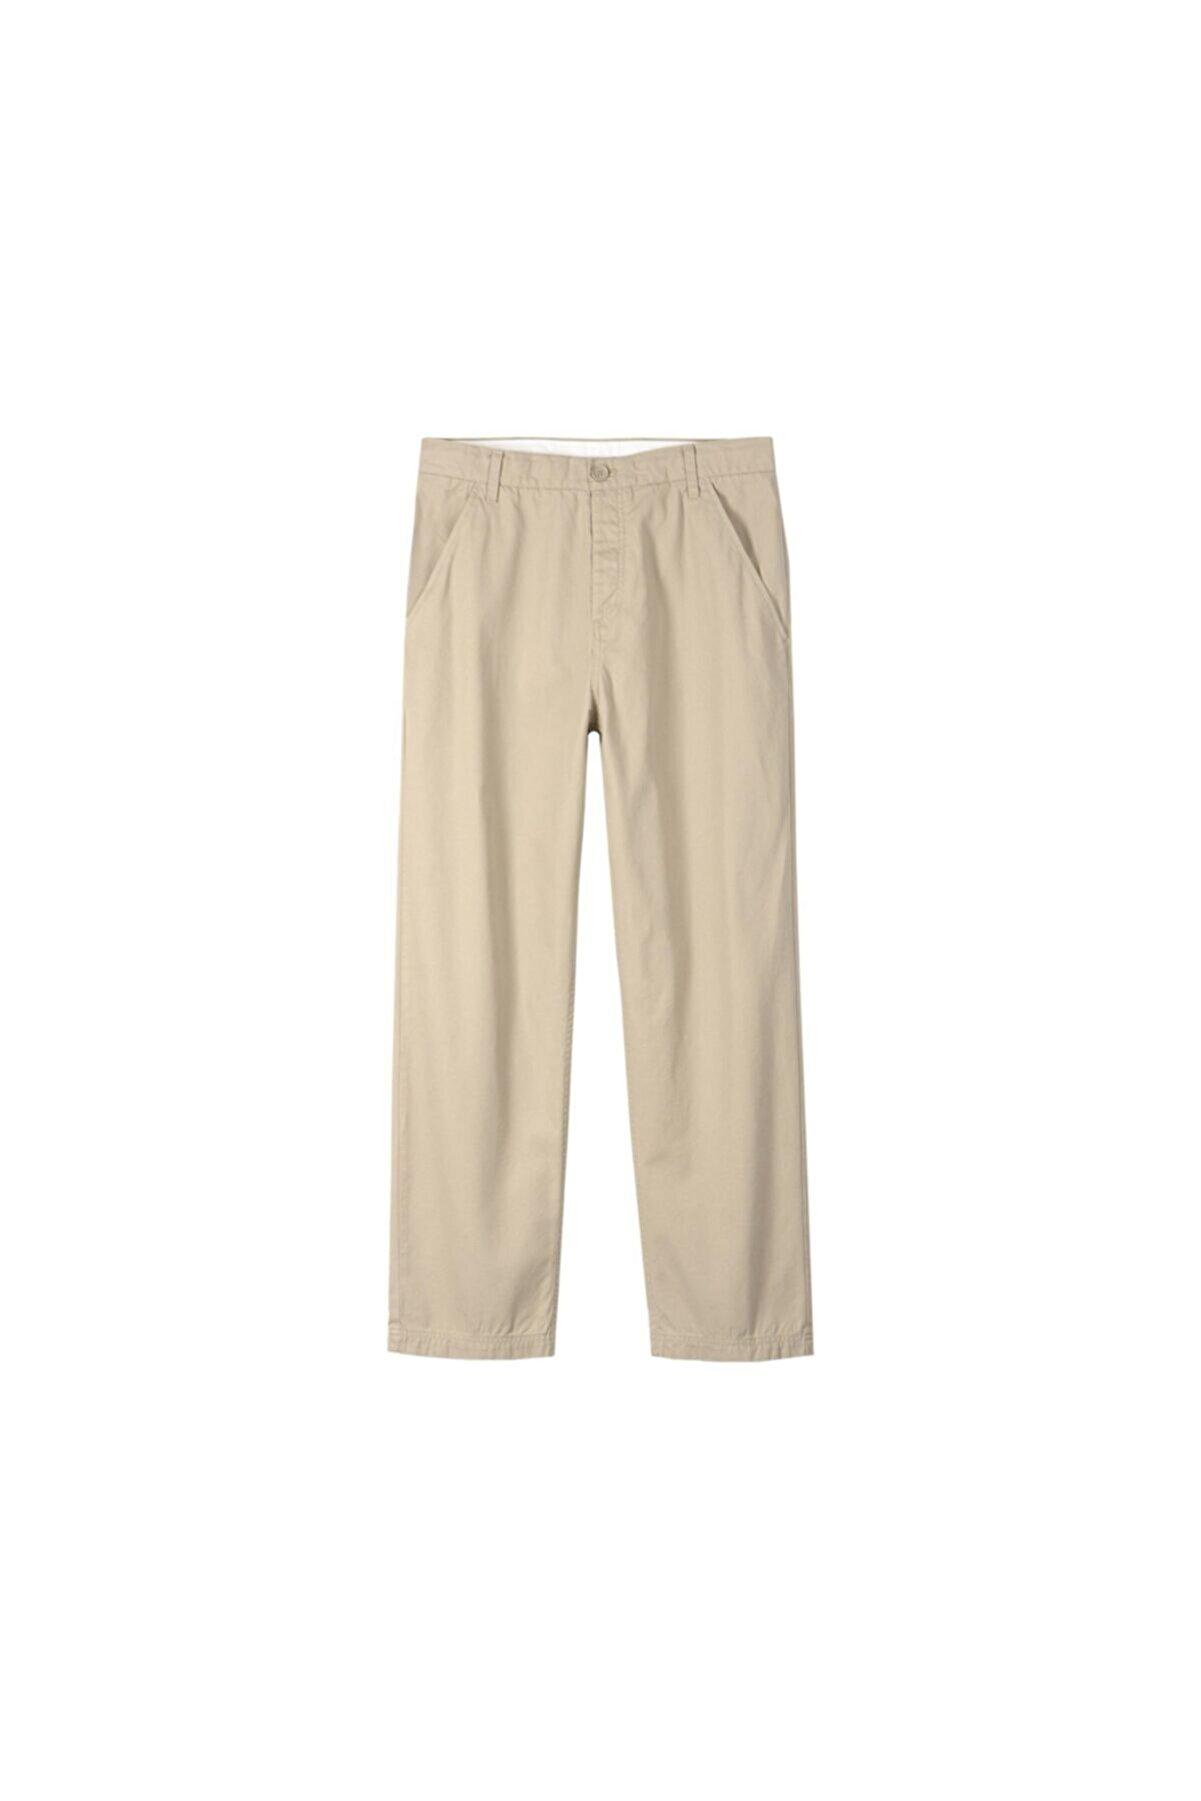 adidas Erkek Günlük Pantolon Krem Regular Pant G84574